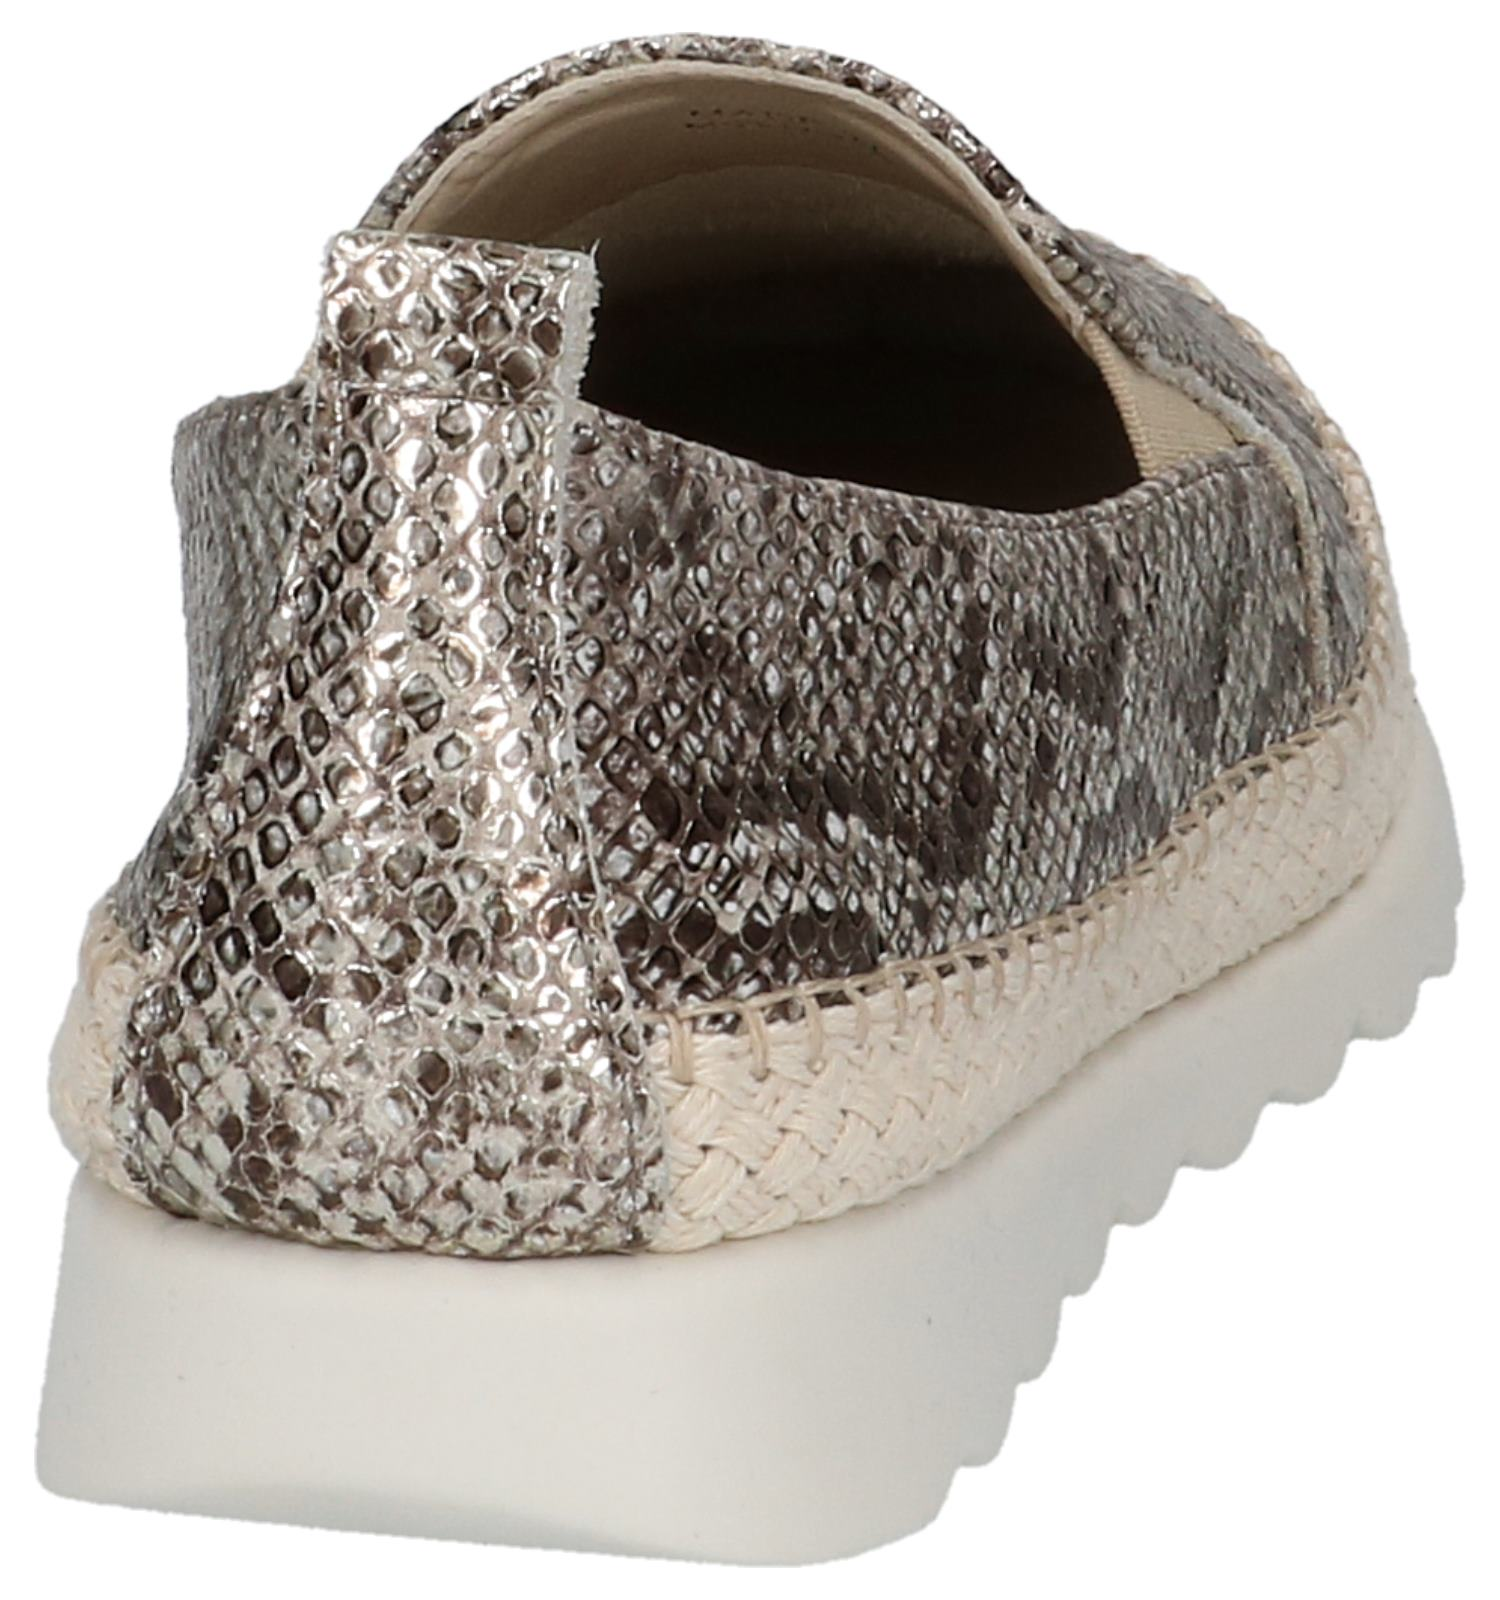 Meerkleurige Sneakers Maripé | SCHOENENTORFS.NL | Gratis